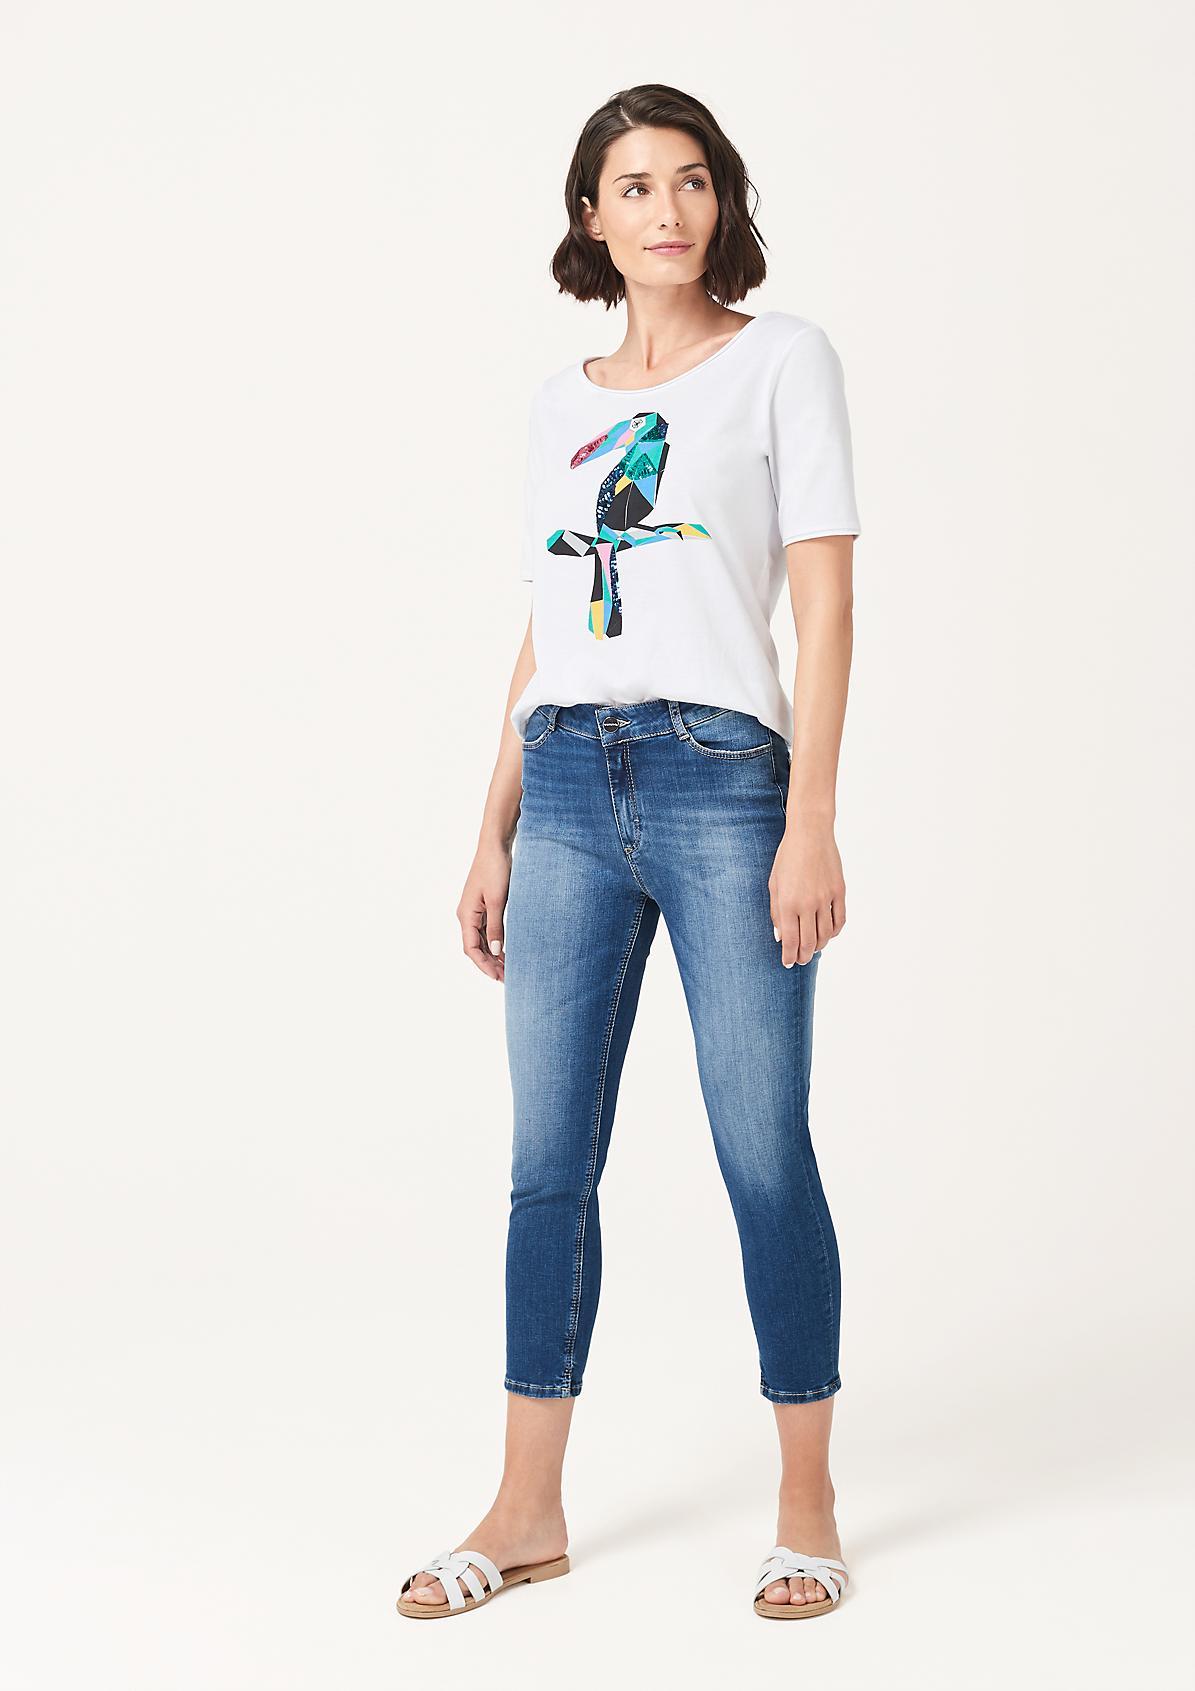 Jeans im lässiger Used-Optik